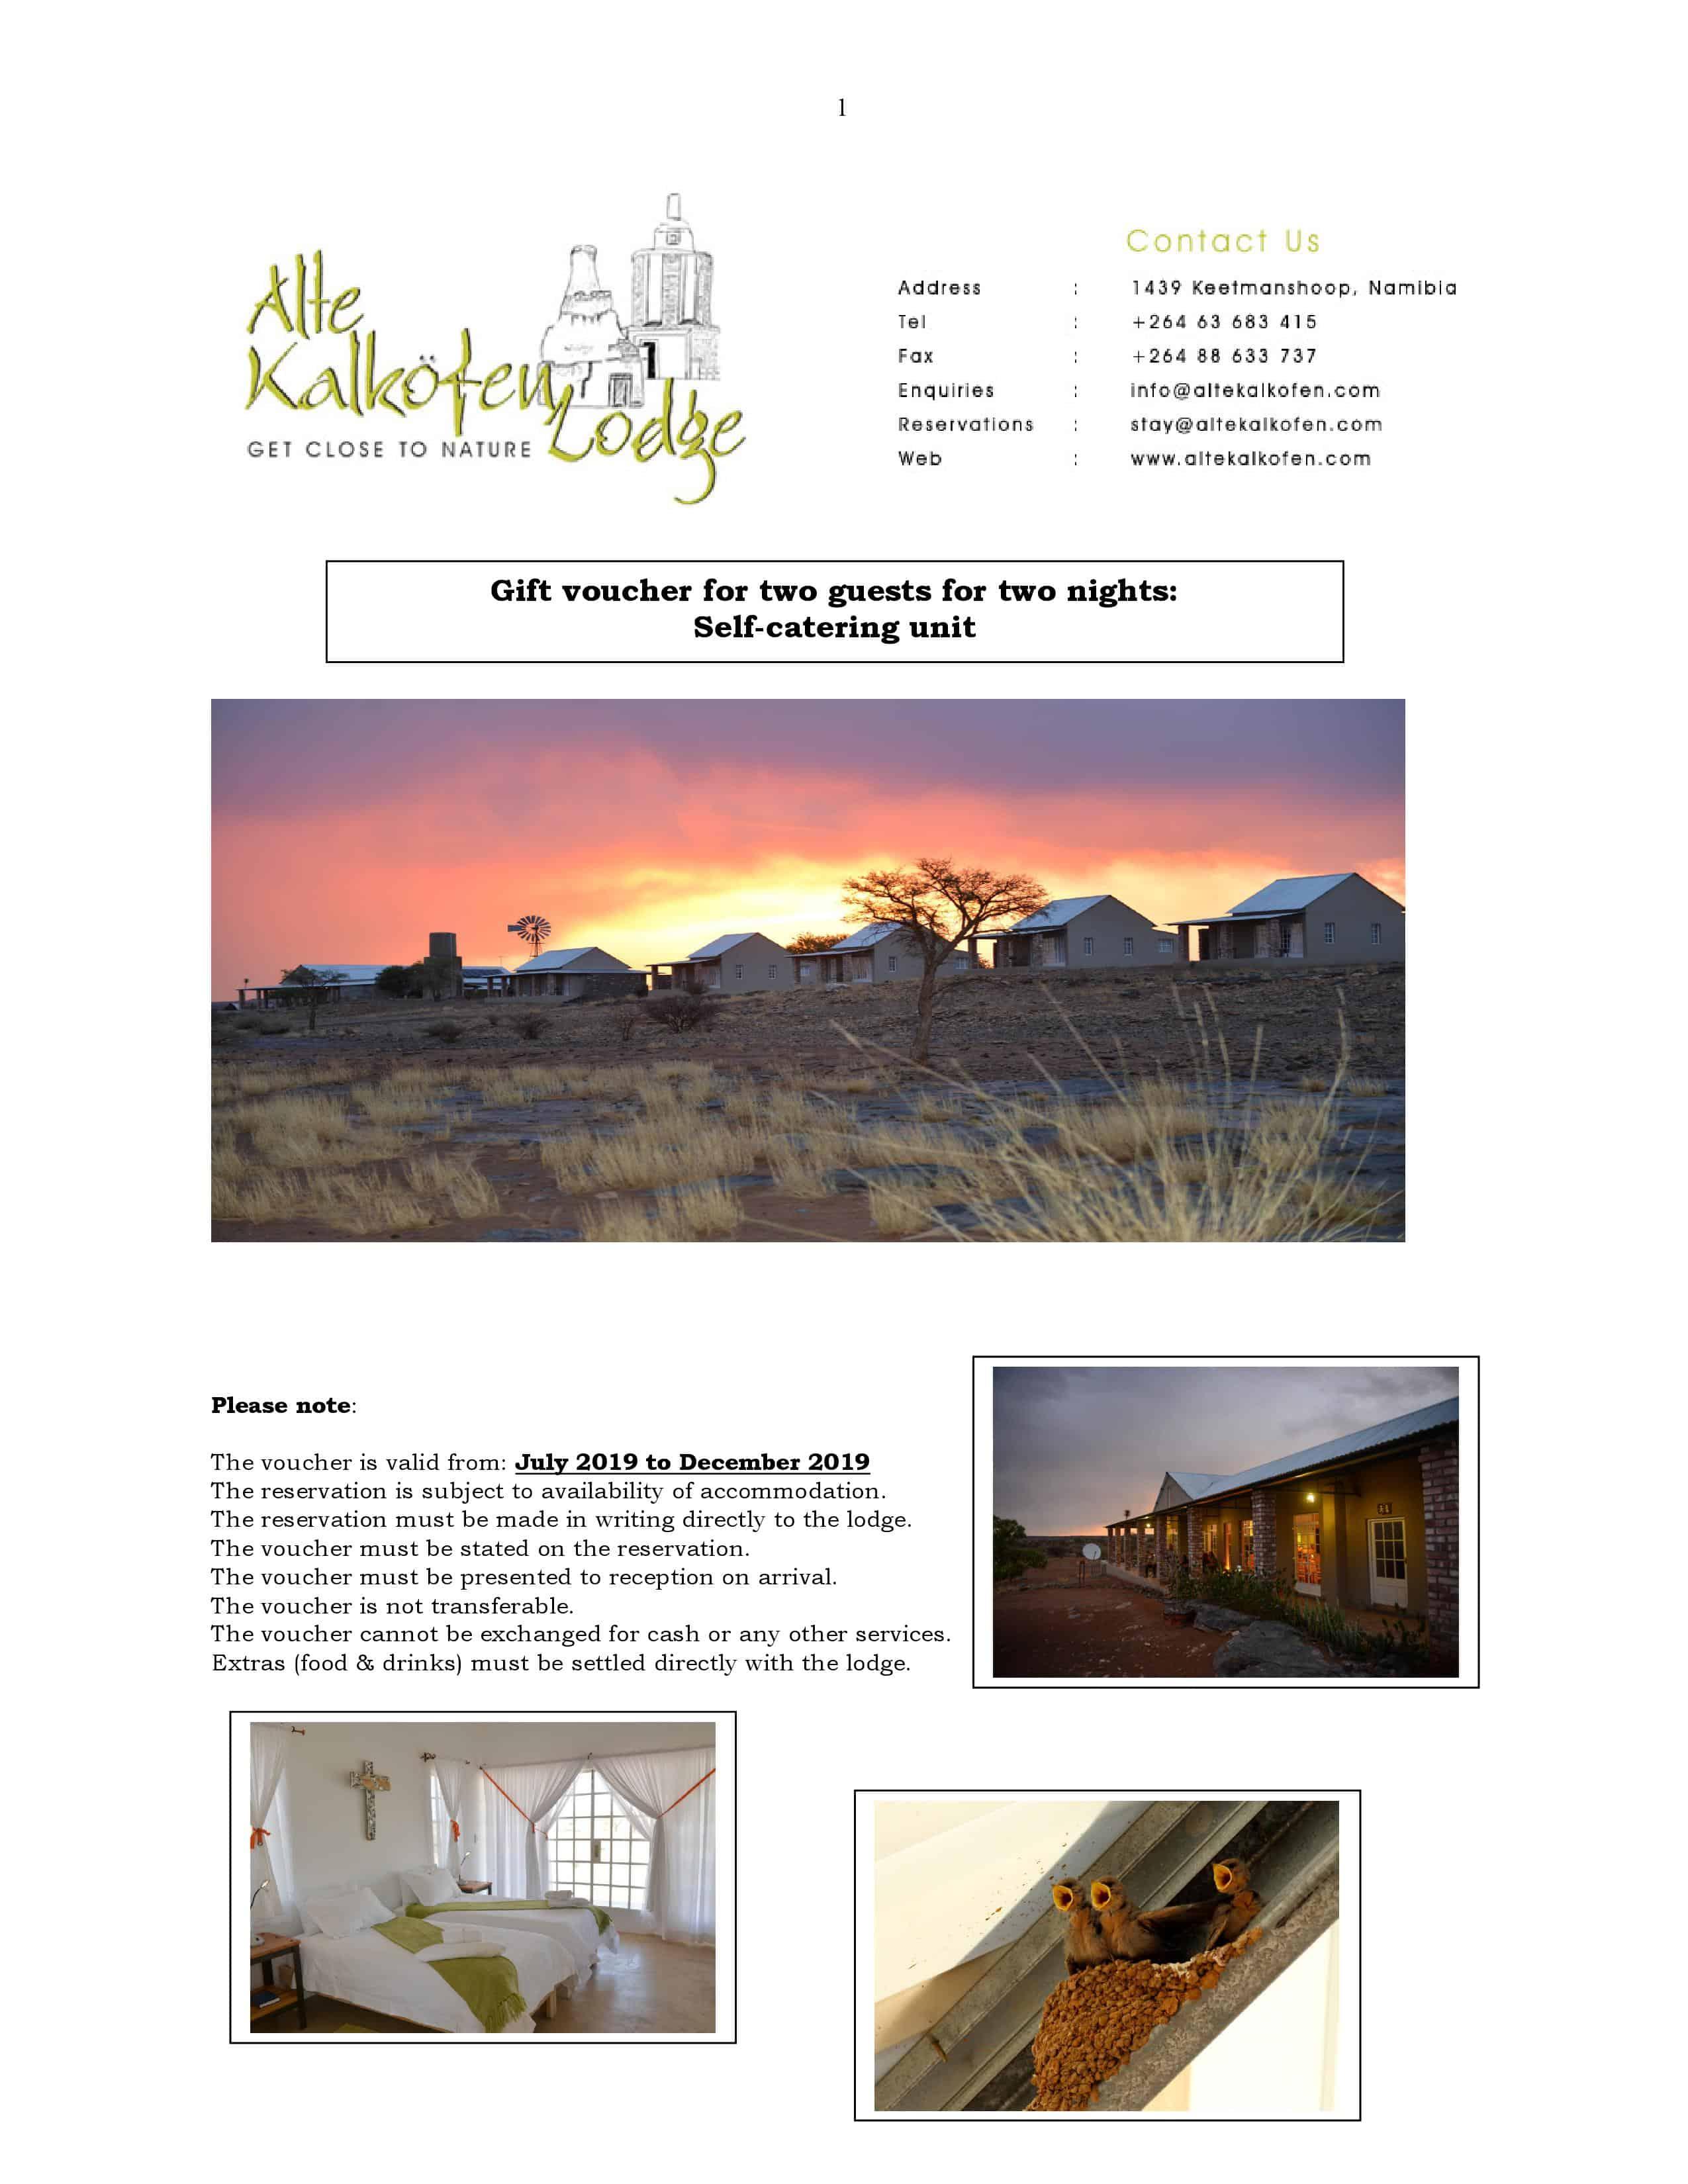 Winkelvenster – #3249 Oornagplek – Alte Kalkofen Lodge, Keetmanshoop